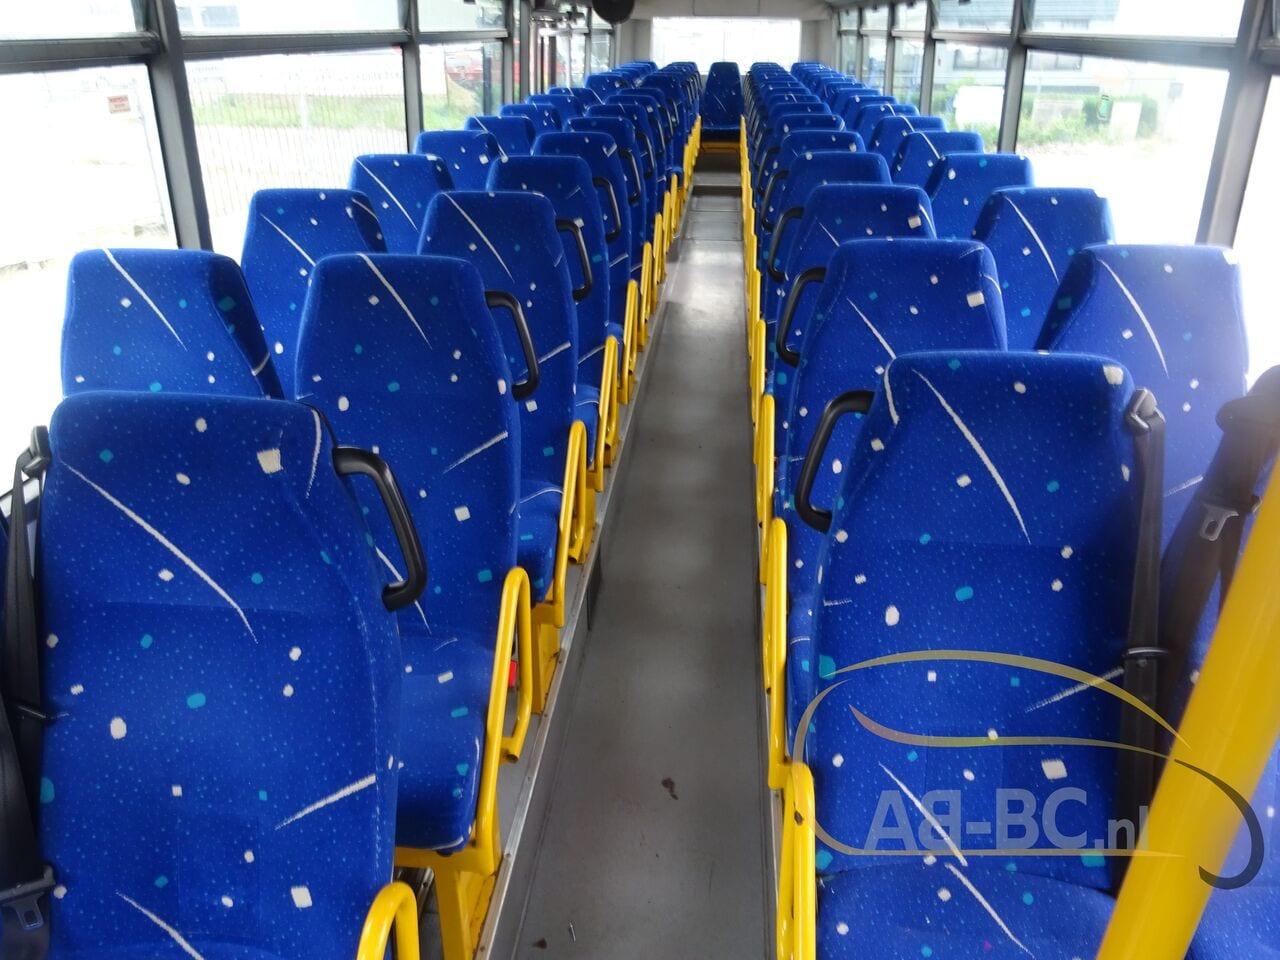 interurban-busIVECO-Irisbus-Recreo-64-Seats---1626160105373551357_big_034a3f03b4a463606319fa91558dc835--21071309575983154500